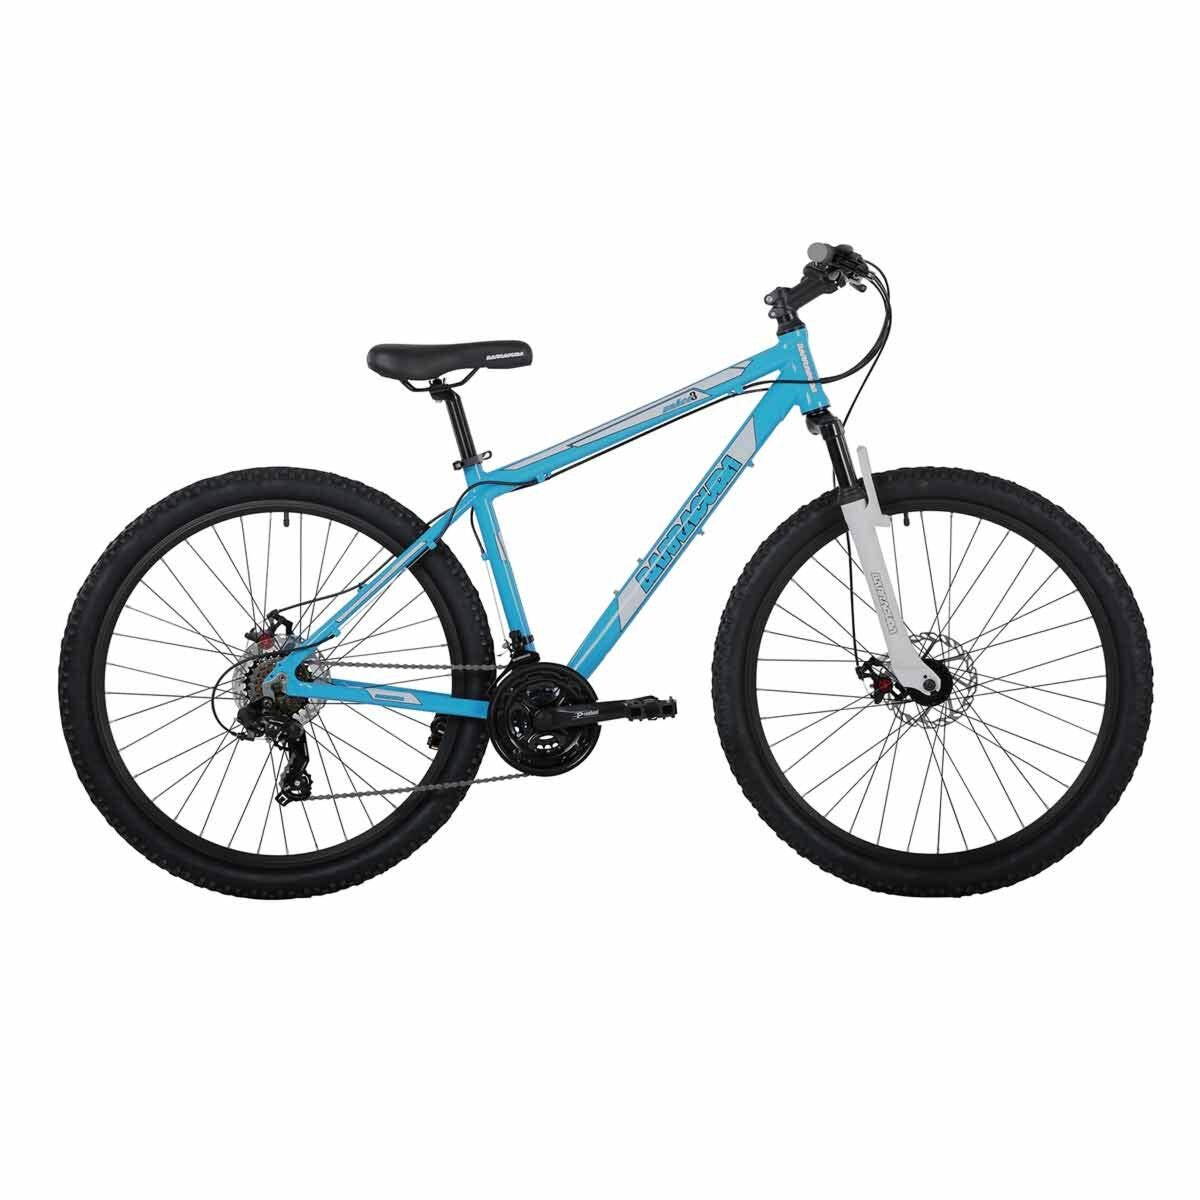 Barracuda Draco 3 Adult Mountain Bike 17 Inch Frame